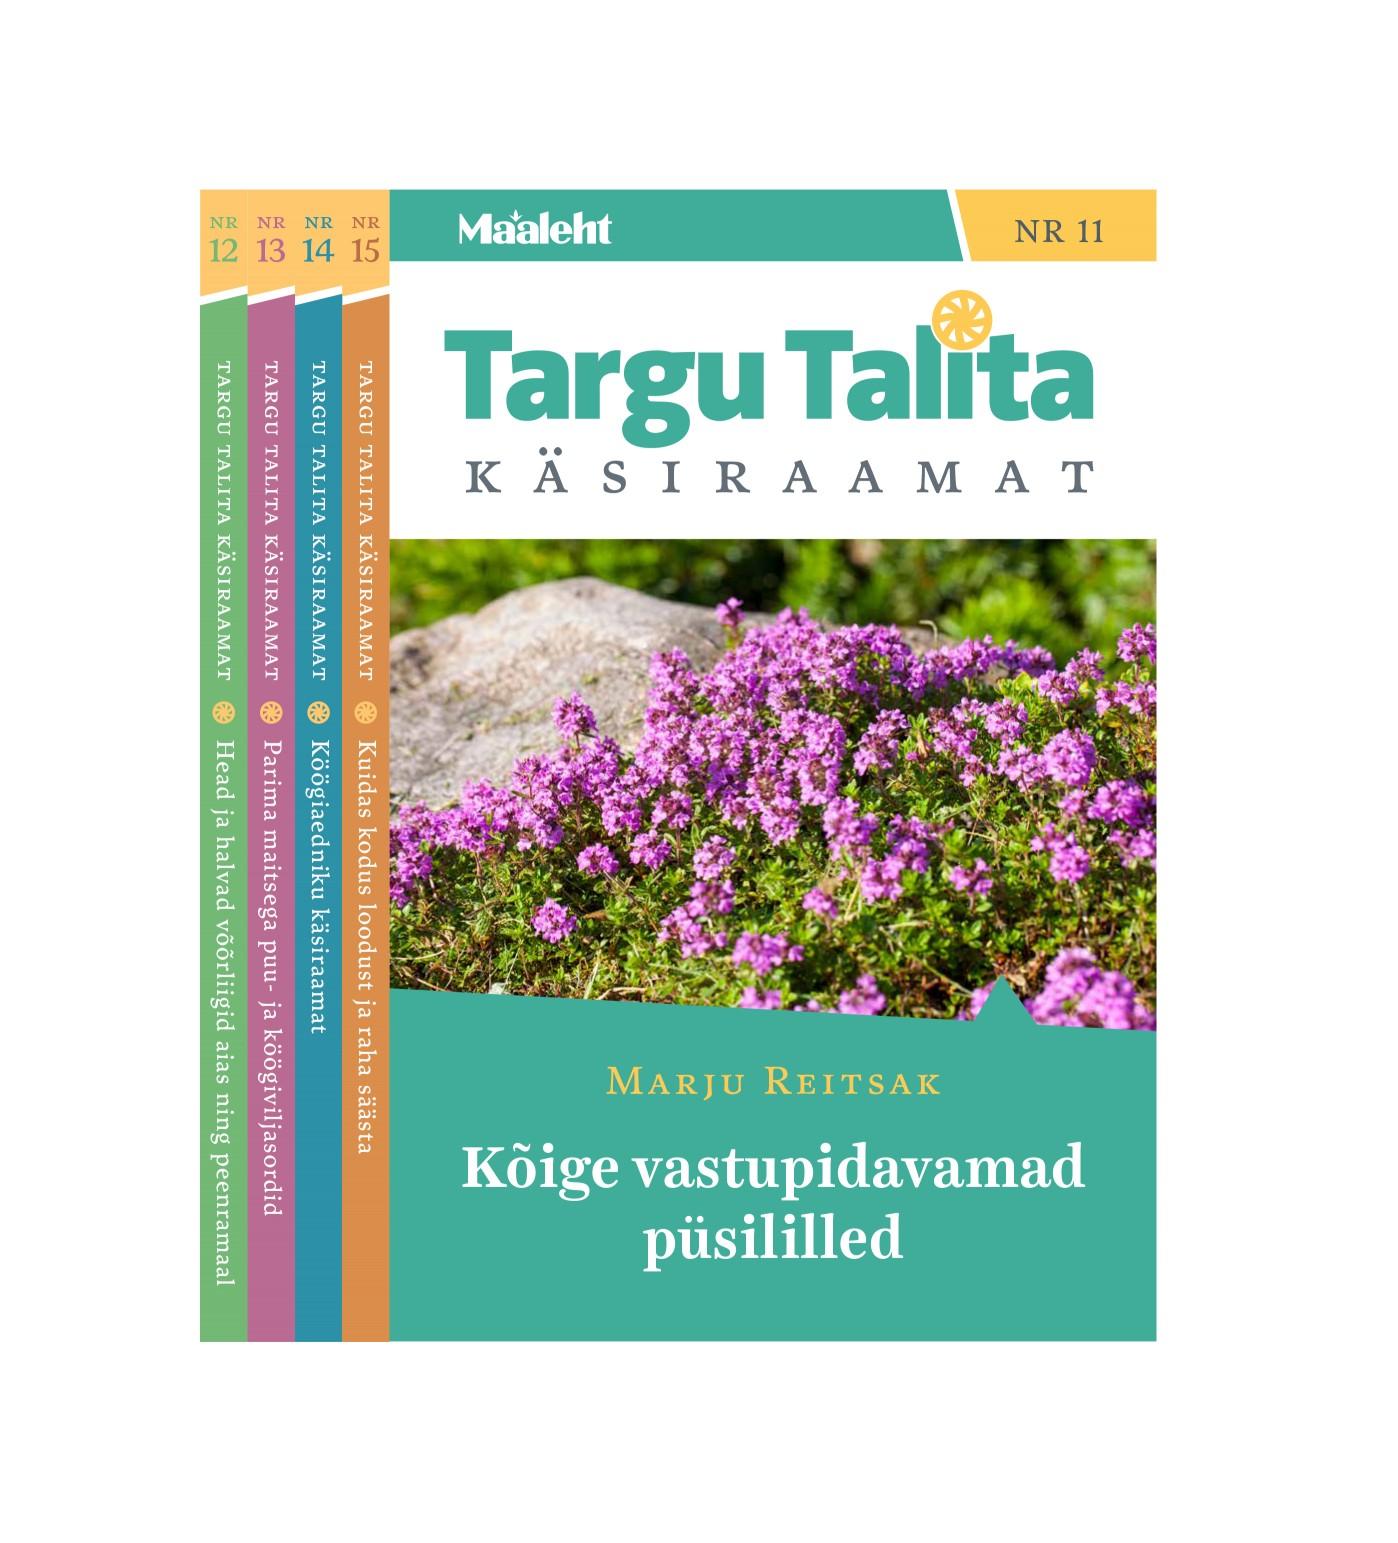 Targu Talita sari. Raamatud nr 11-15